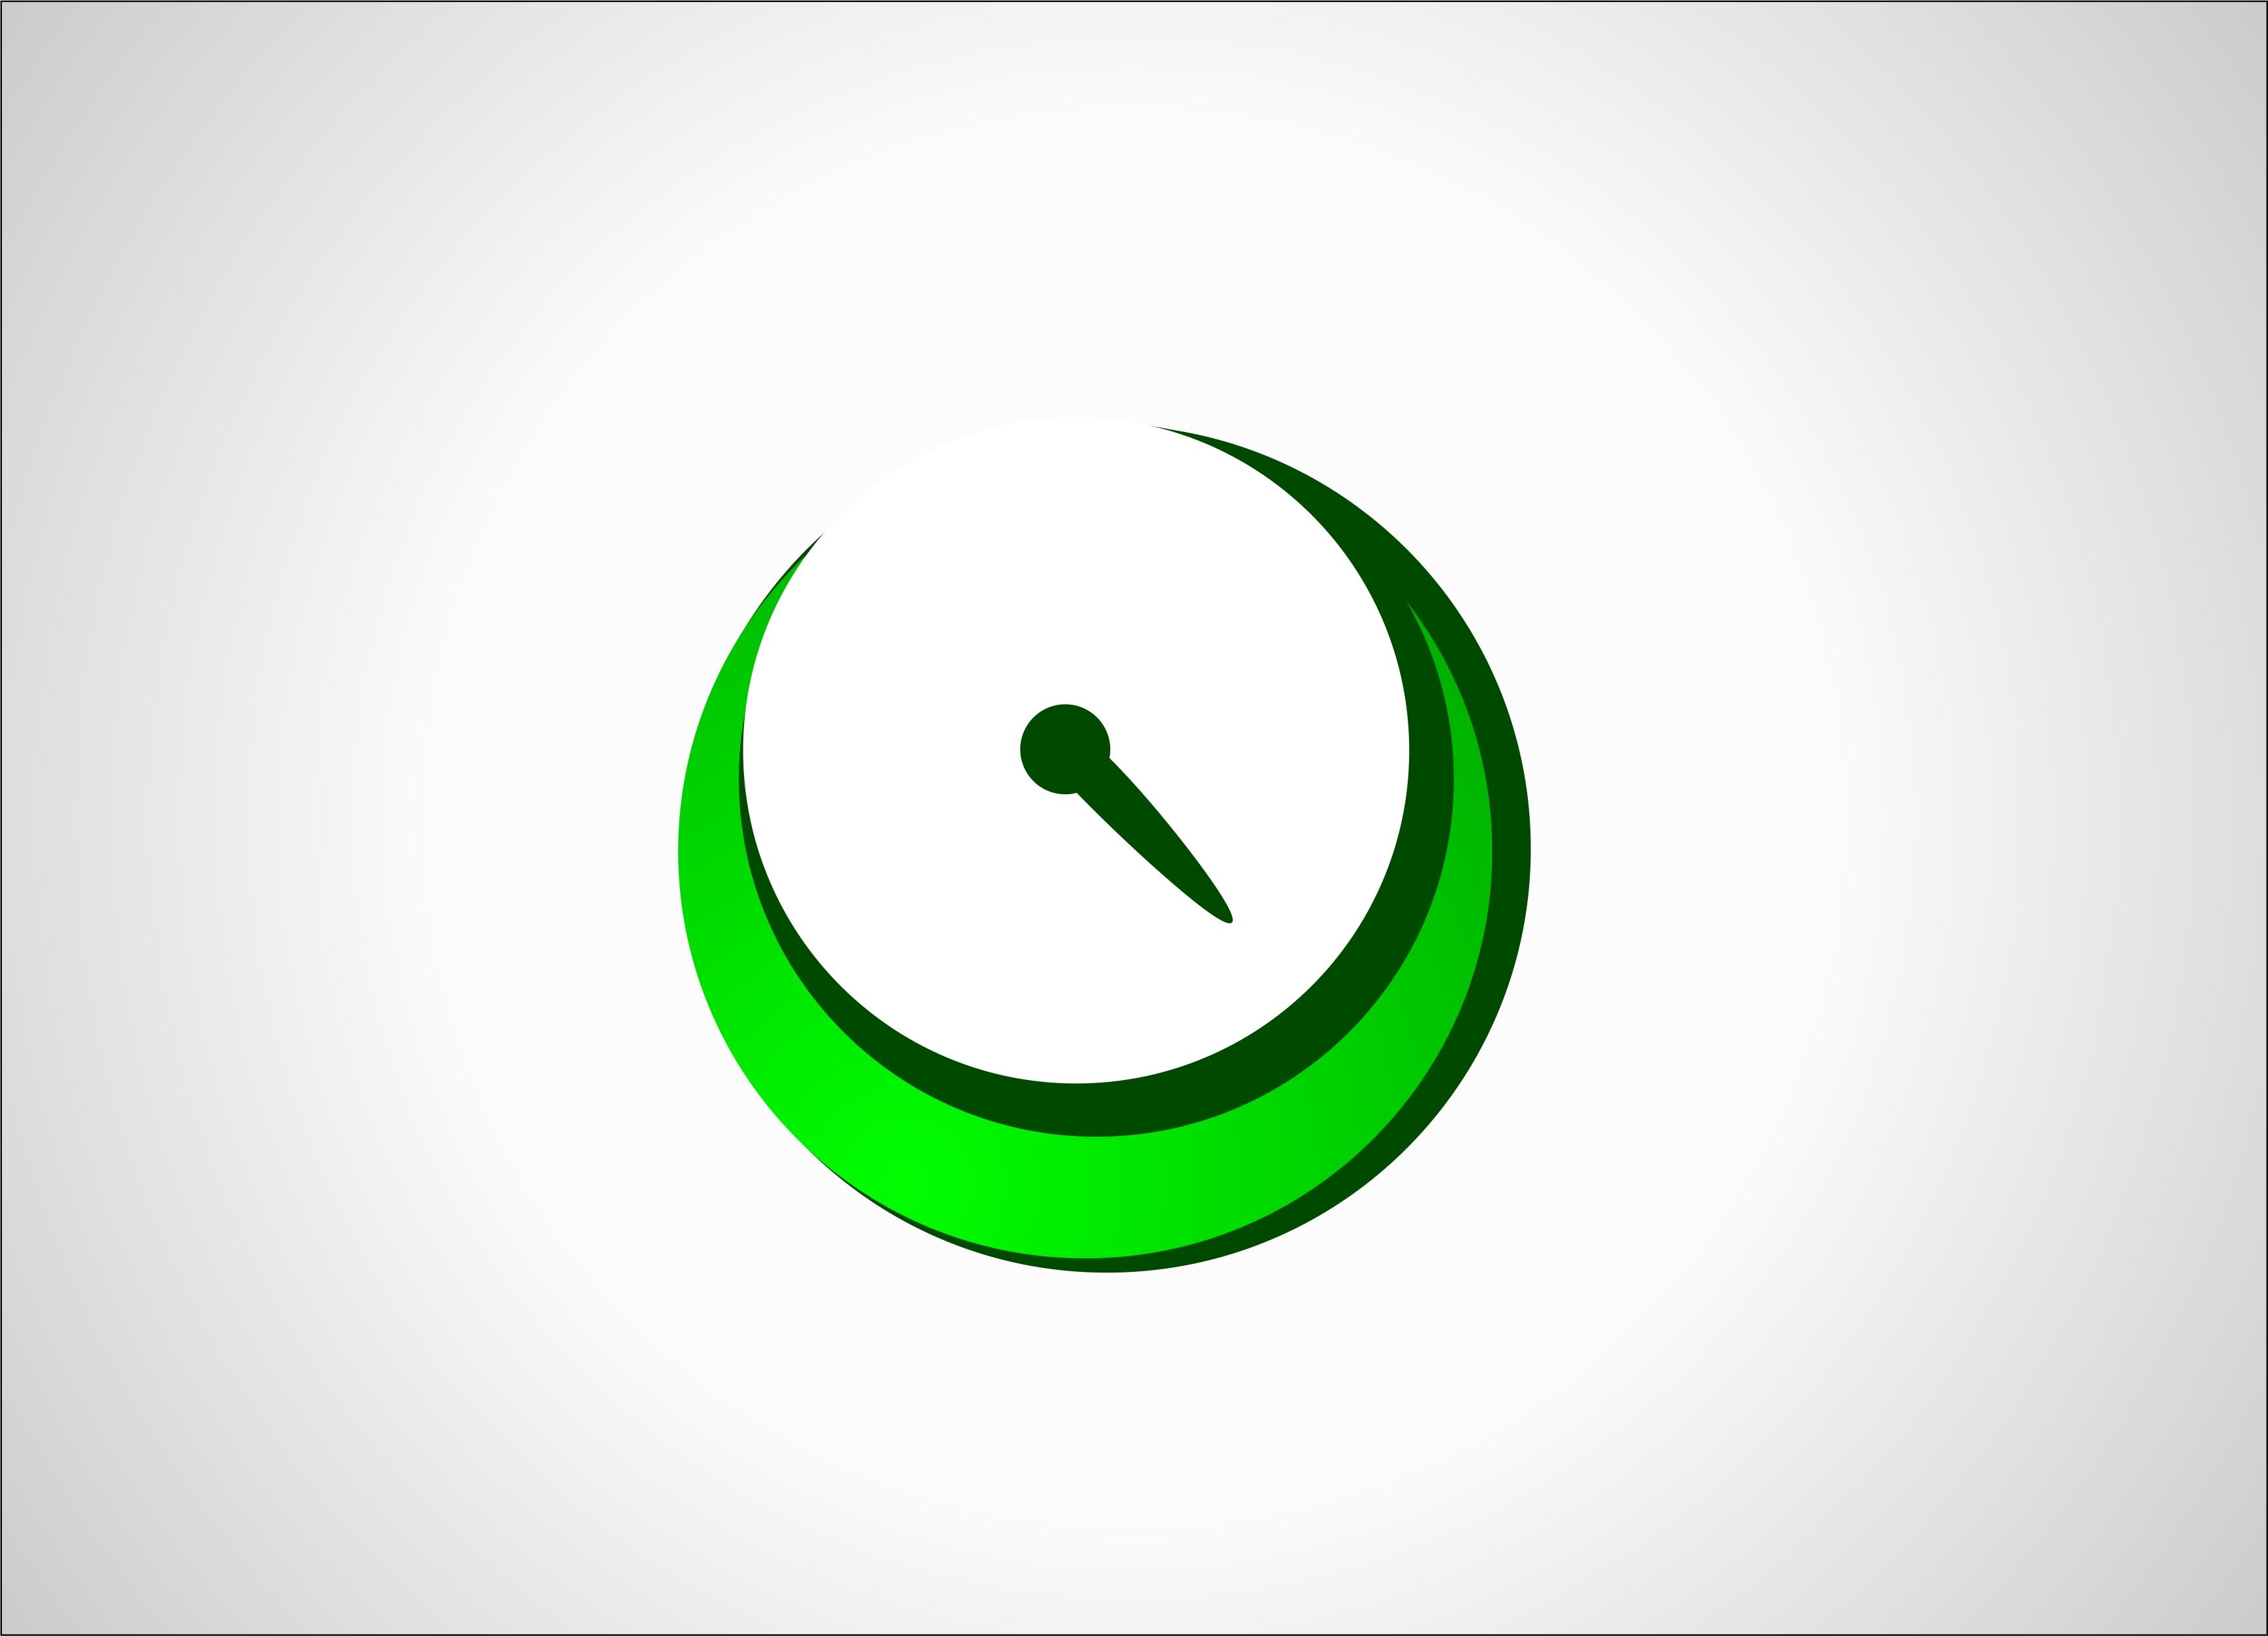 Логотип для инженерной компании фото f_88451cf21badf7e7.jpg